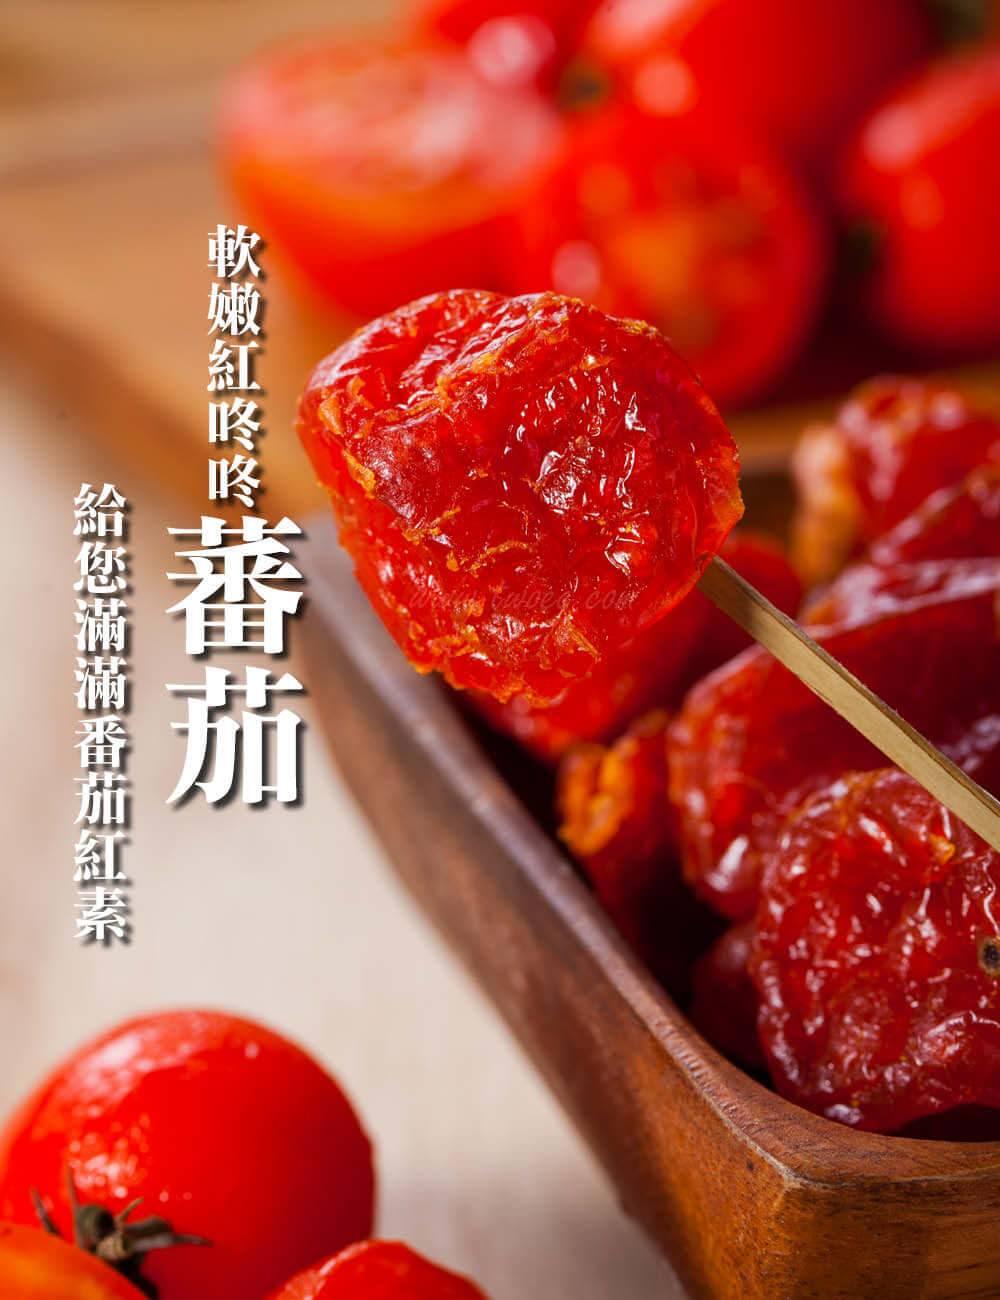 果然美味 蕃茄水果乾